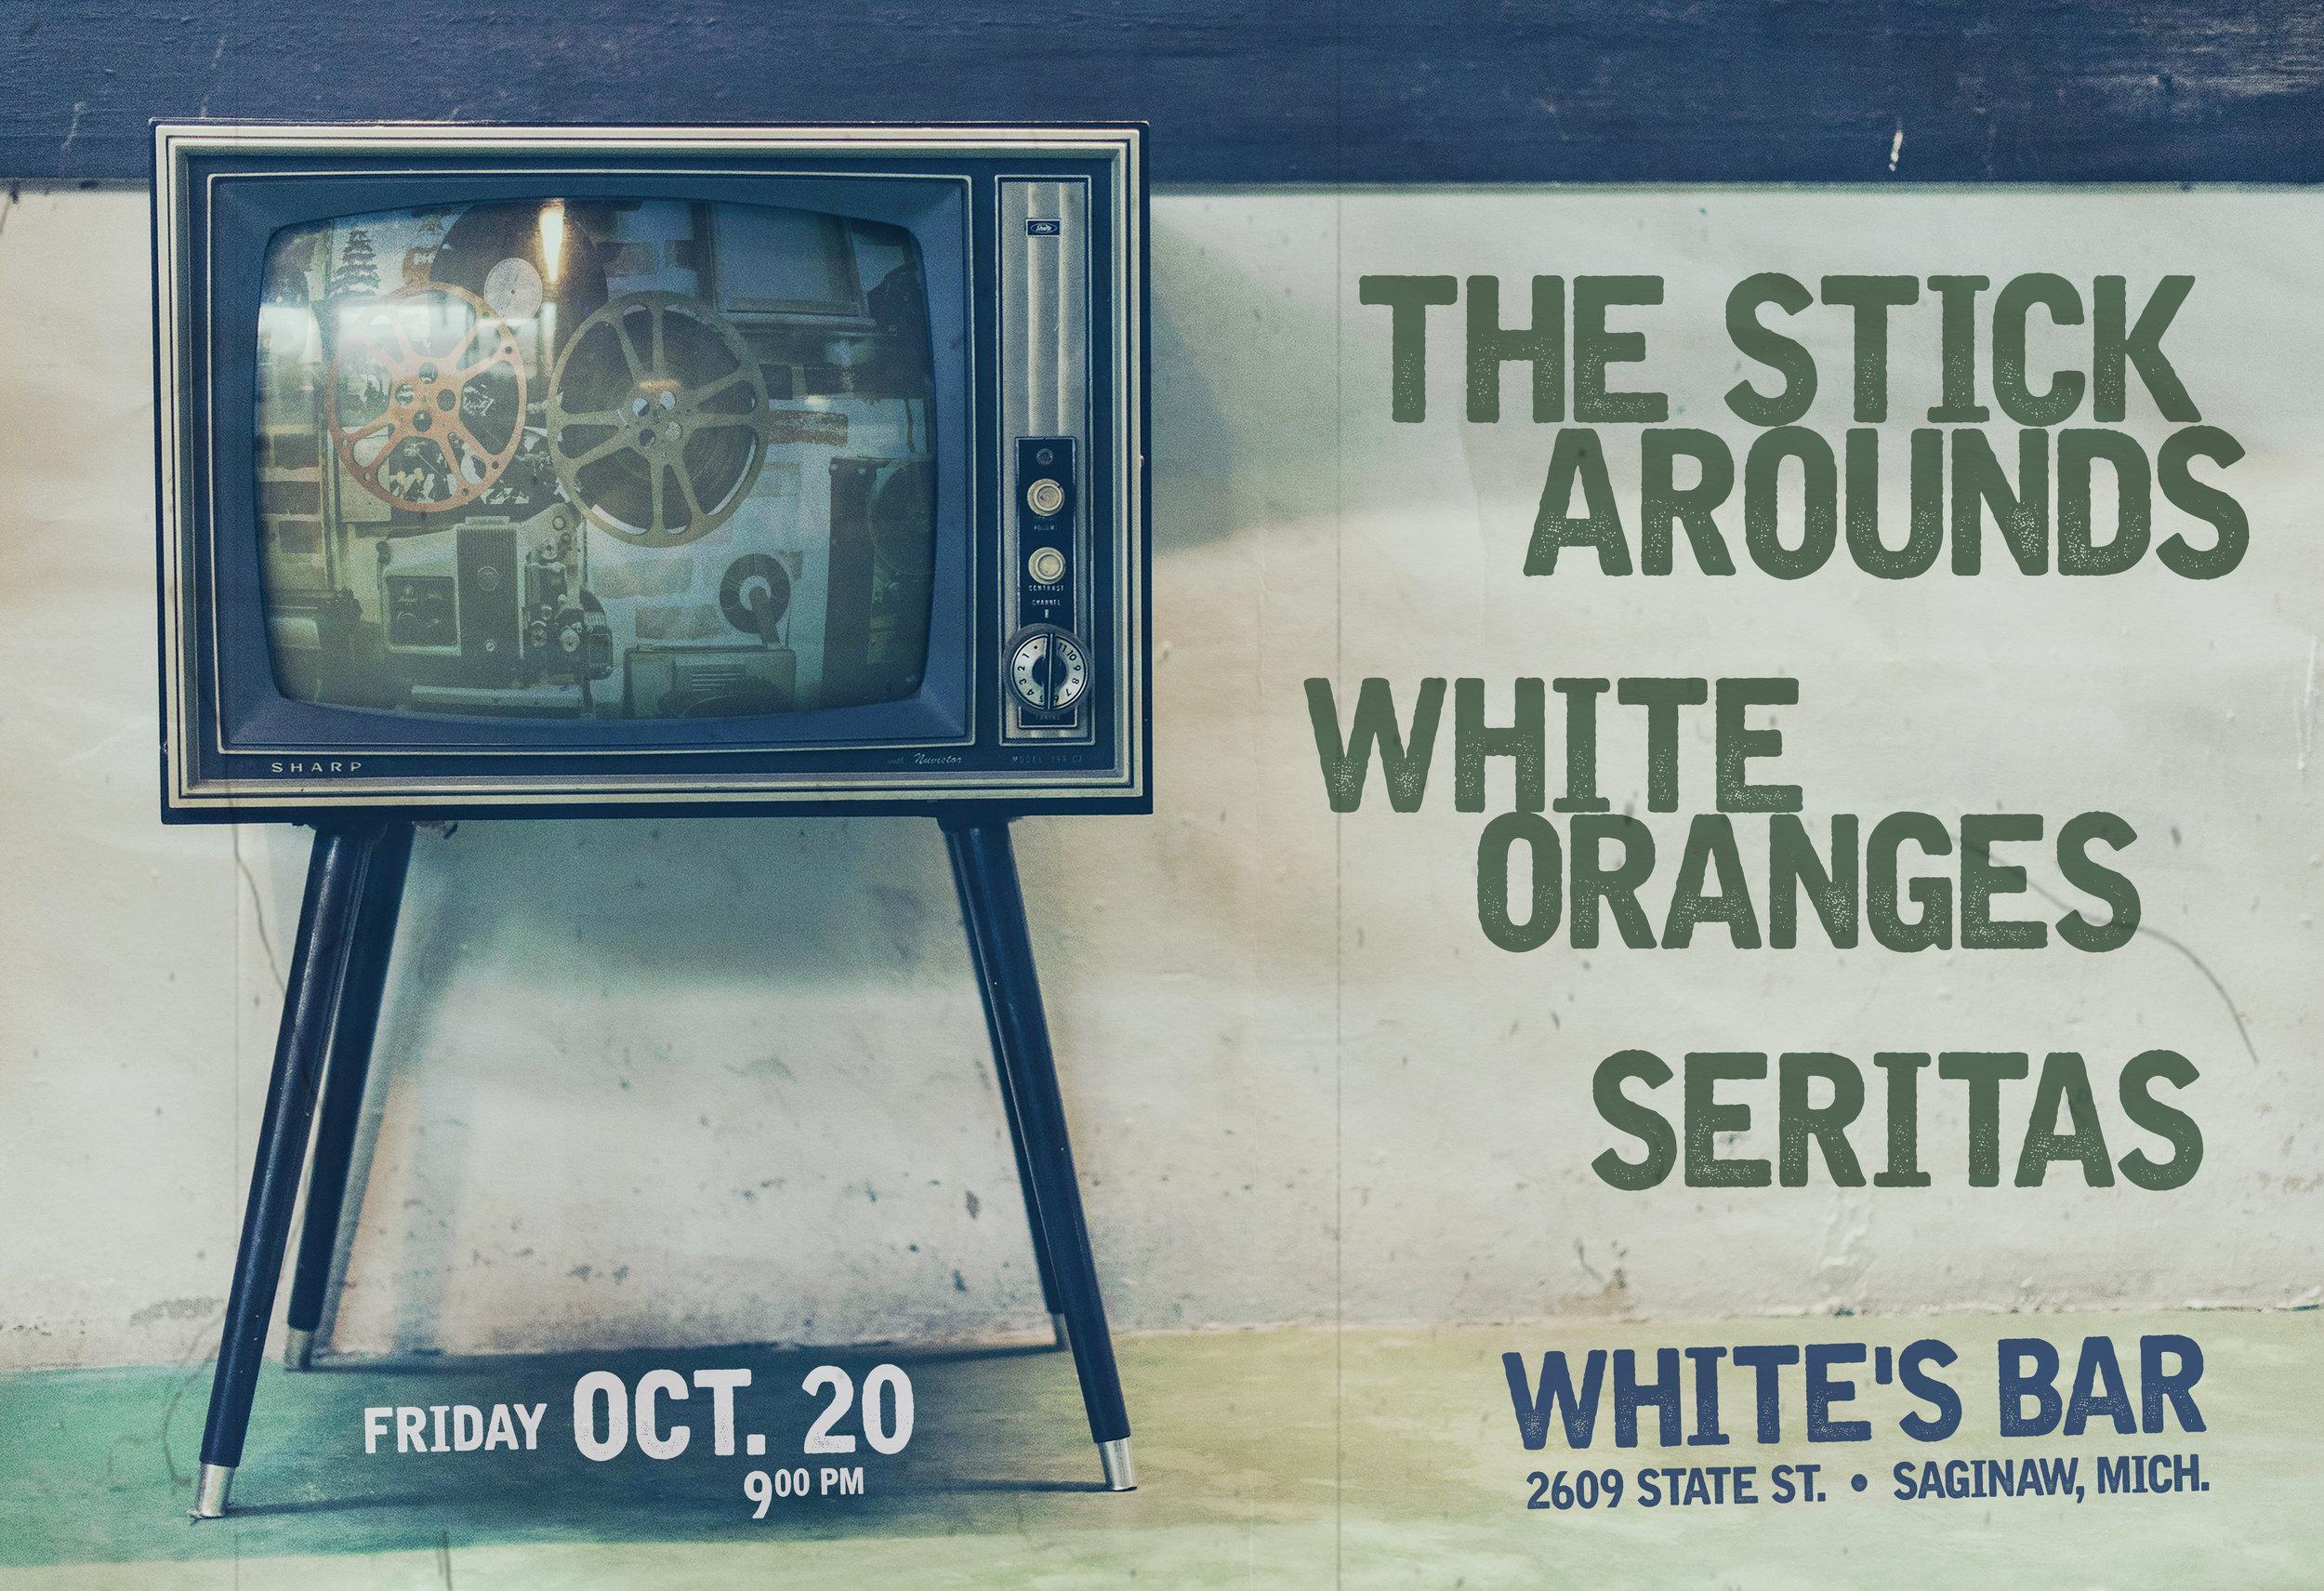 Whites Bar TV Design October 2017.jpg